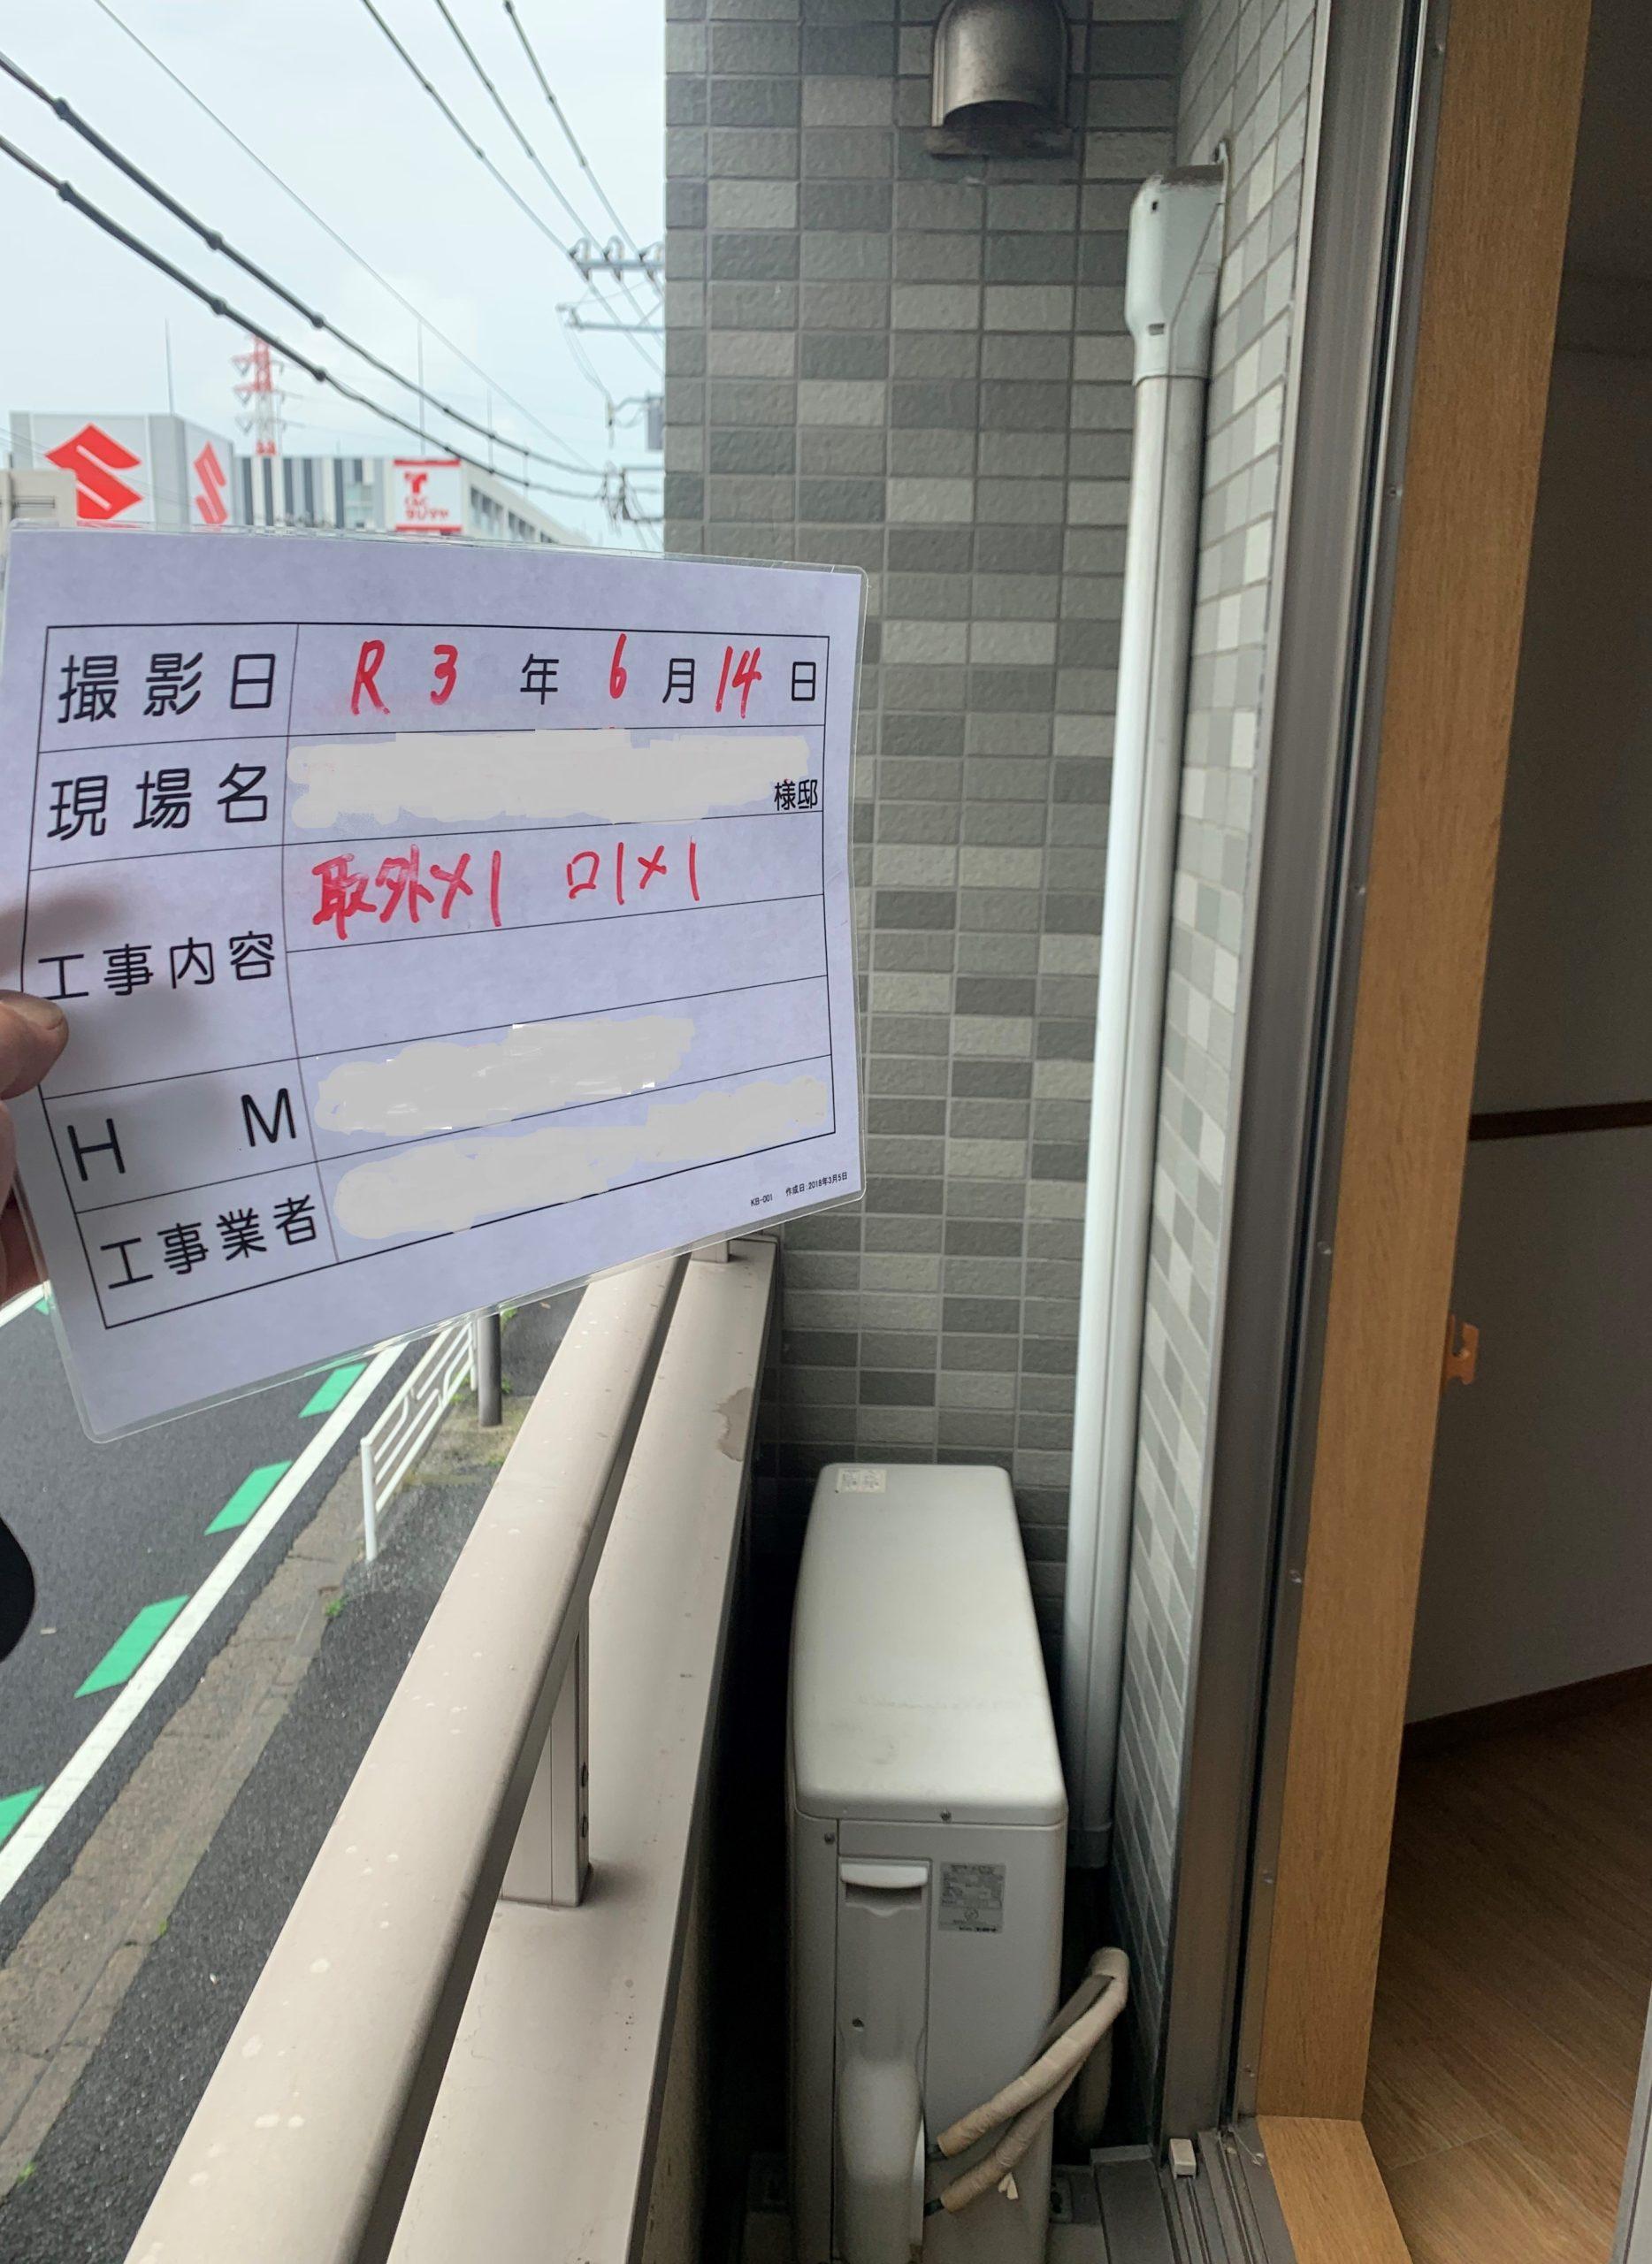 首都圏でエアコン取換え工事なら安心丁寧☆株式会社大志統合にお任せください!!